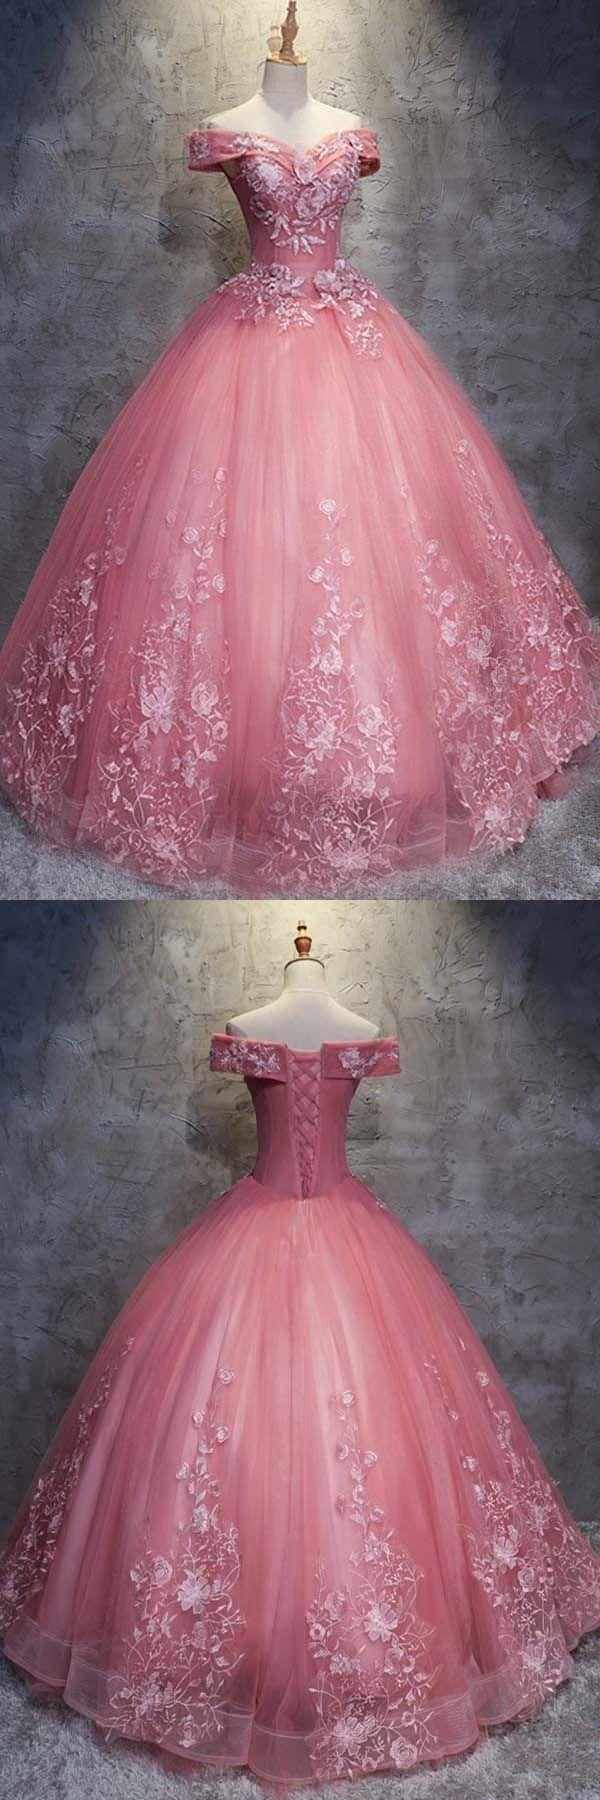 的 discount colorful prom dresses satin wedding dress ball gown